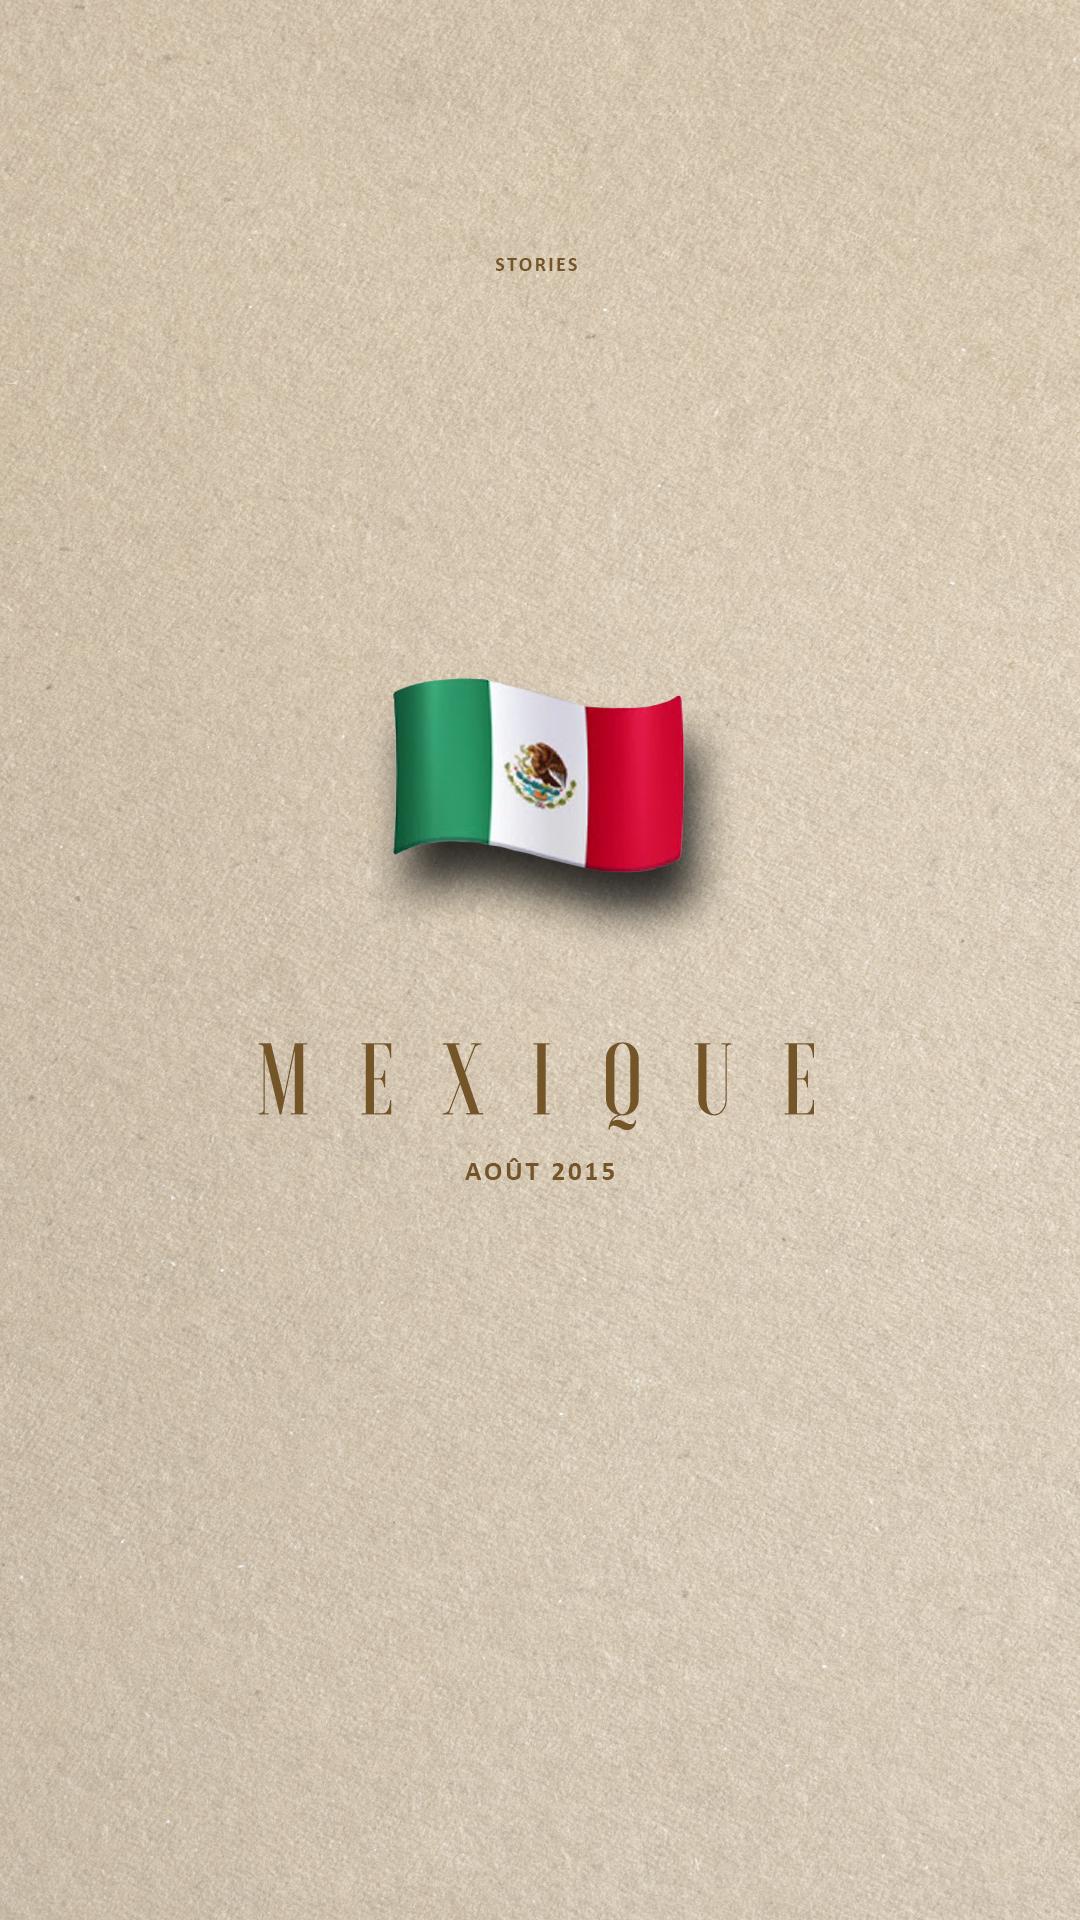 Ecran 1 - Story Mexique